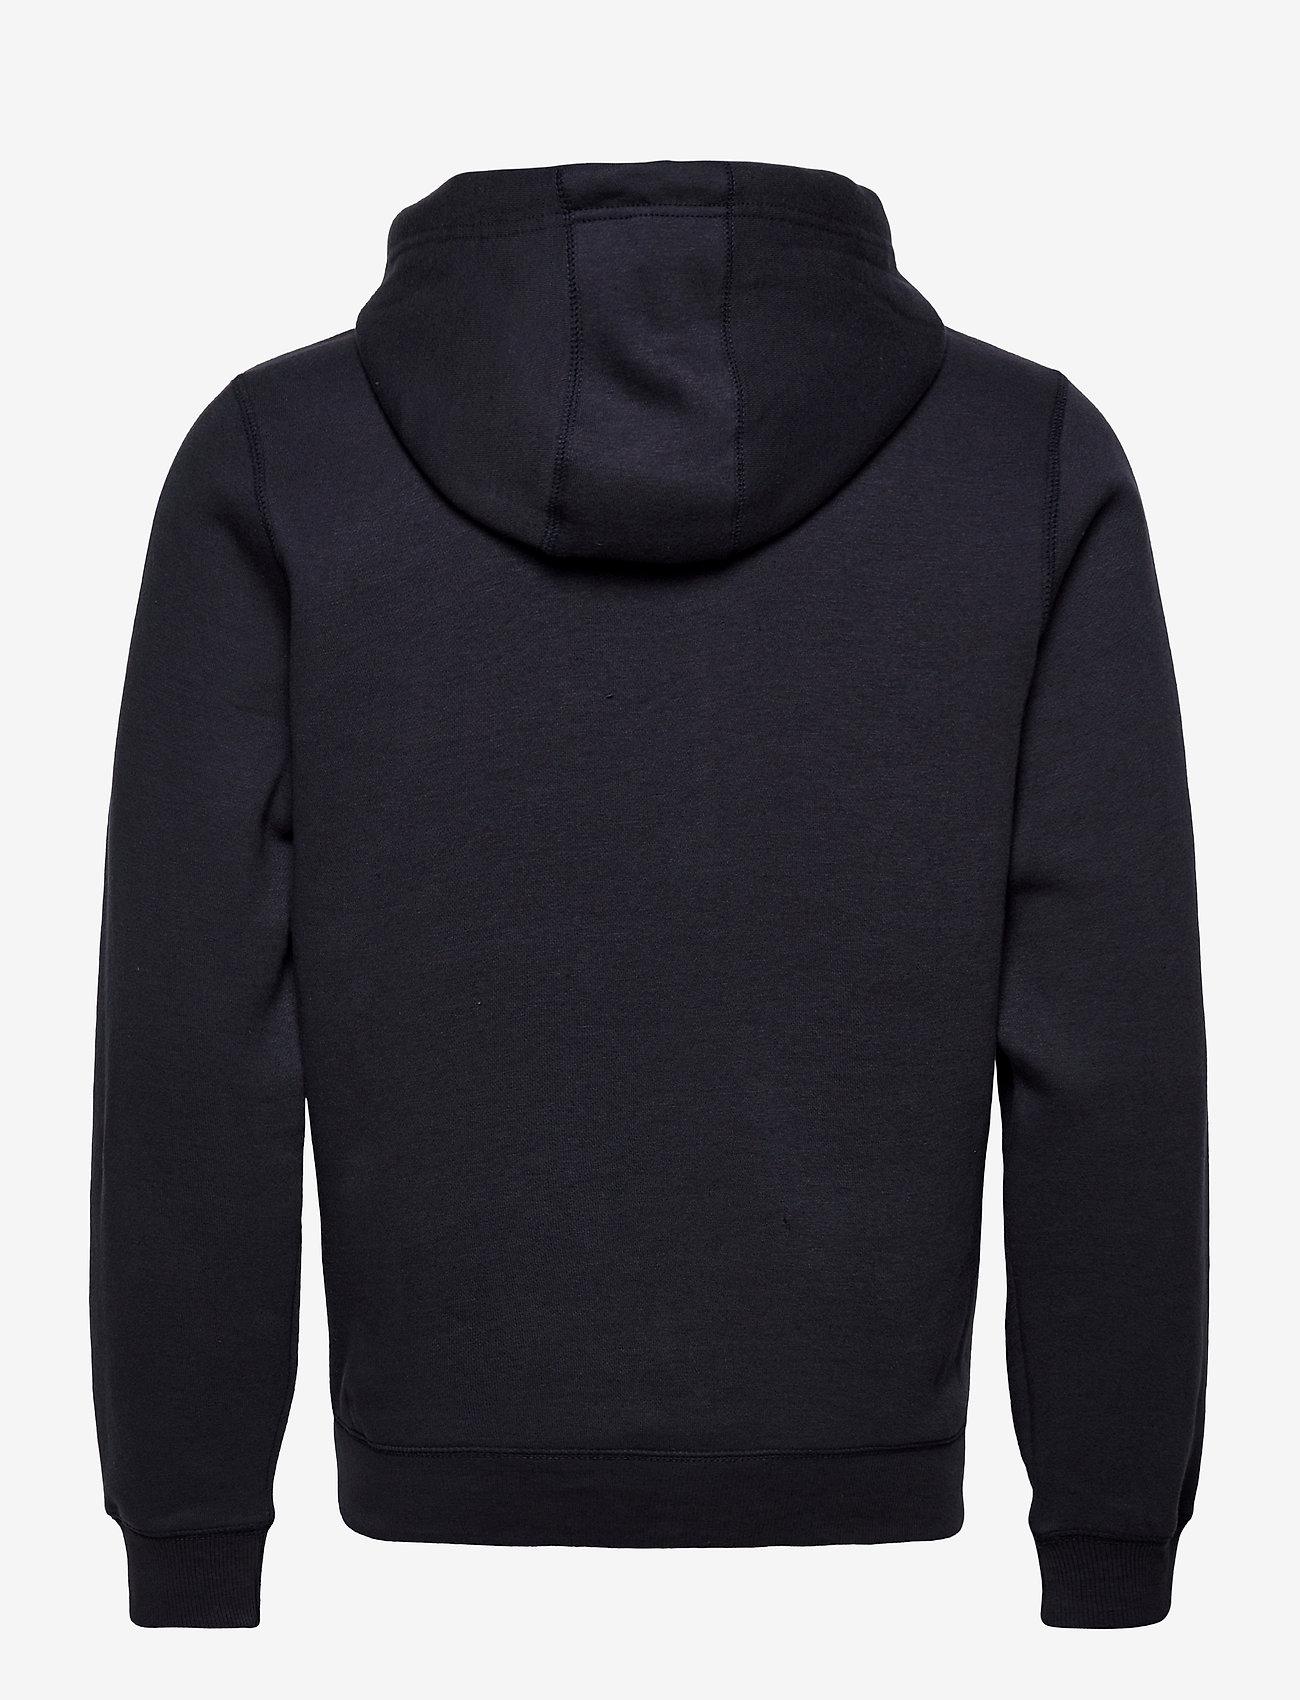 Blend Sweatshirt - Sweatshirts DARK NAVY - Menn Klær